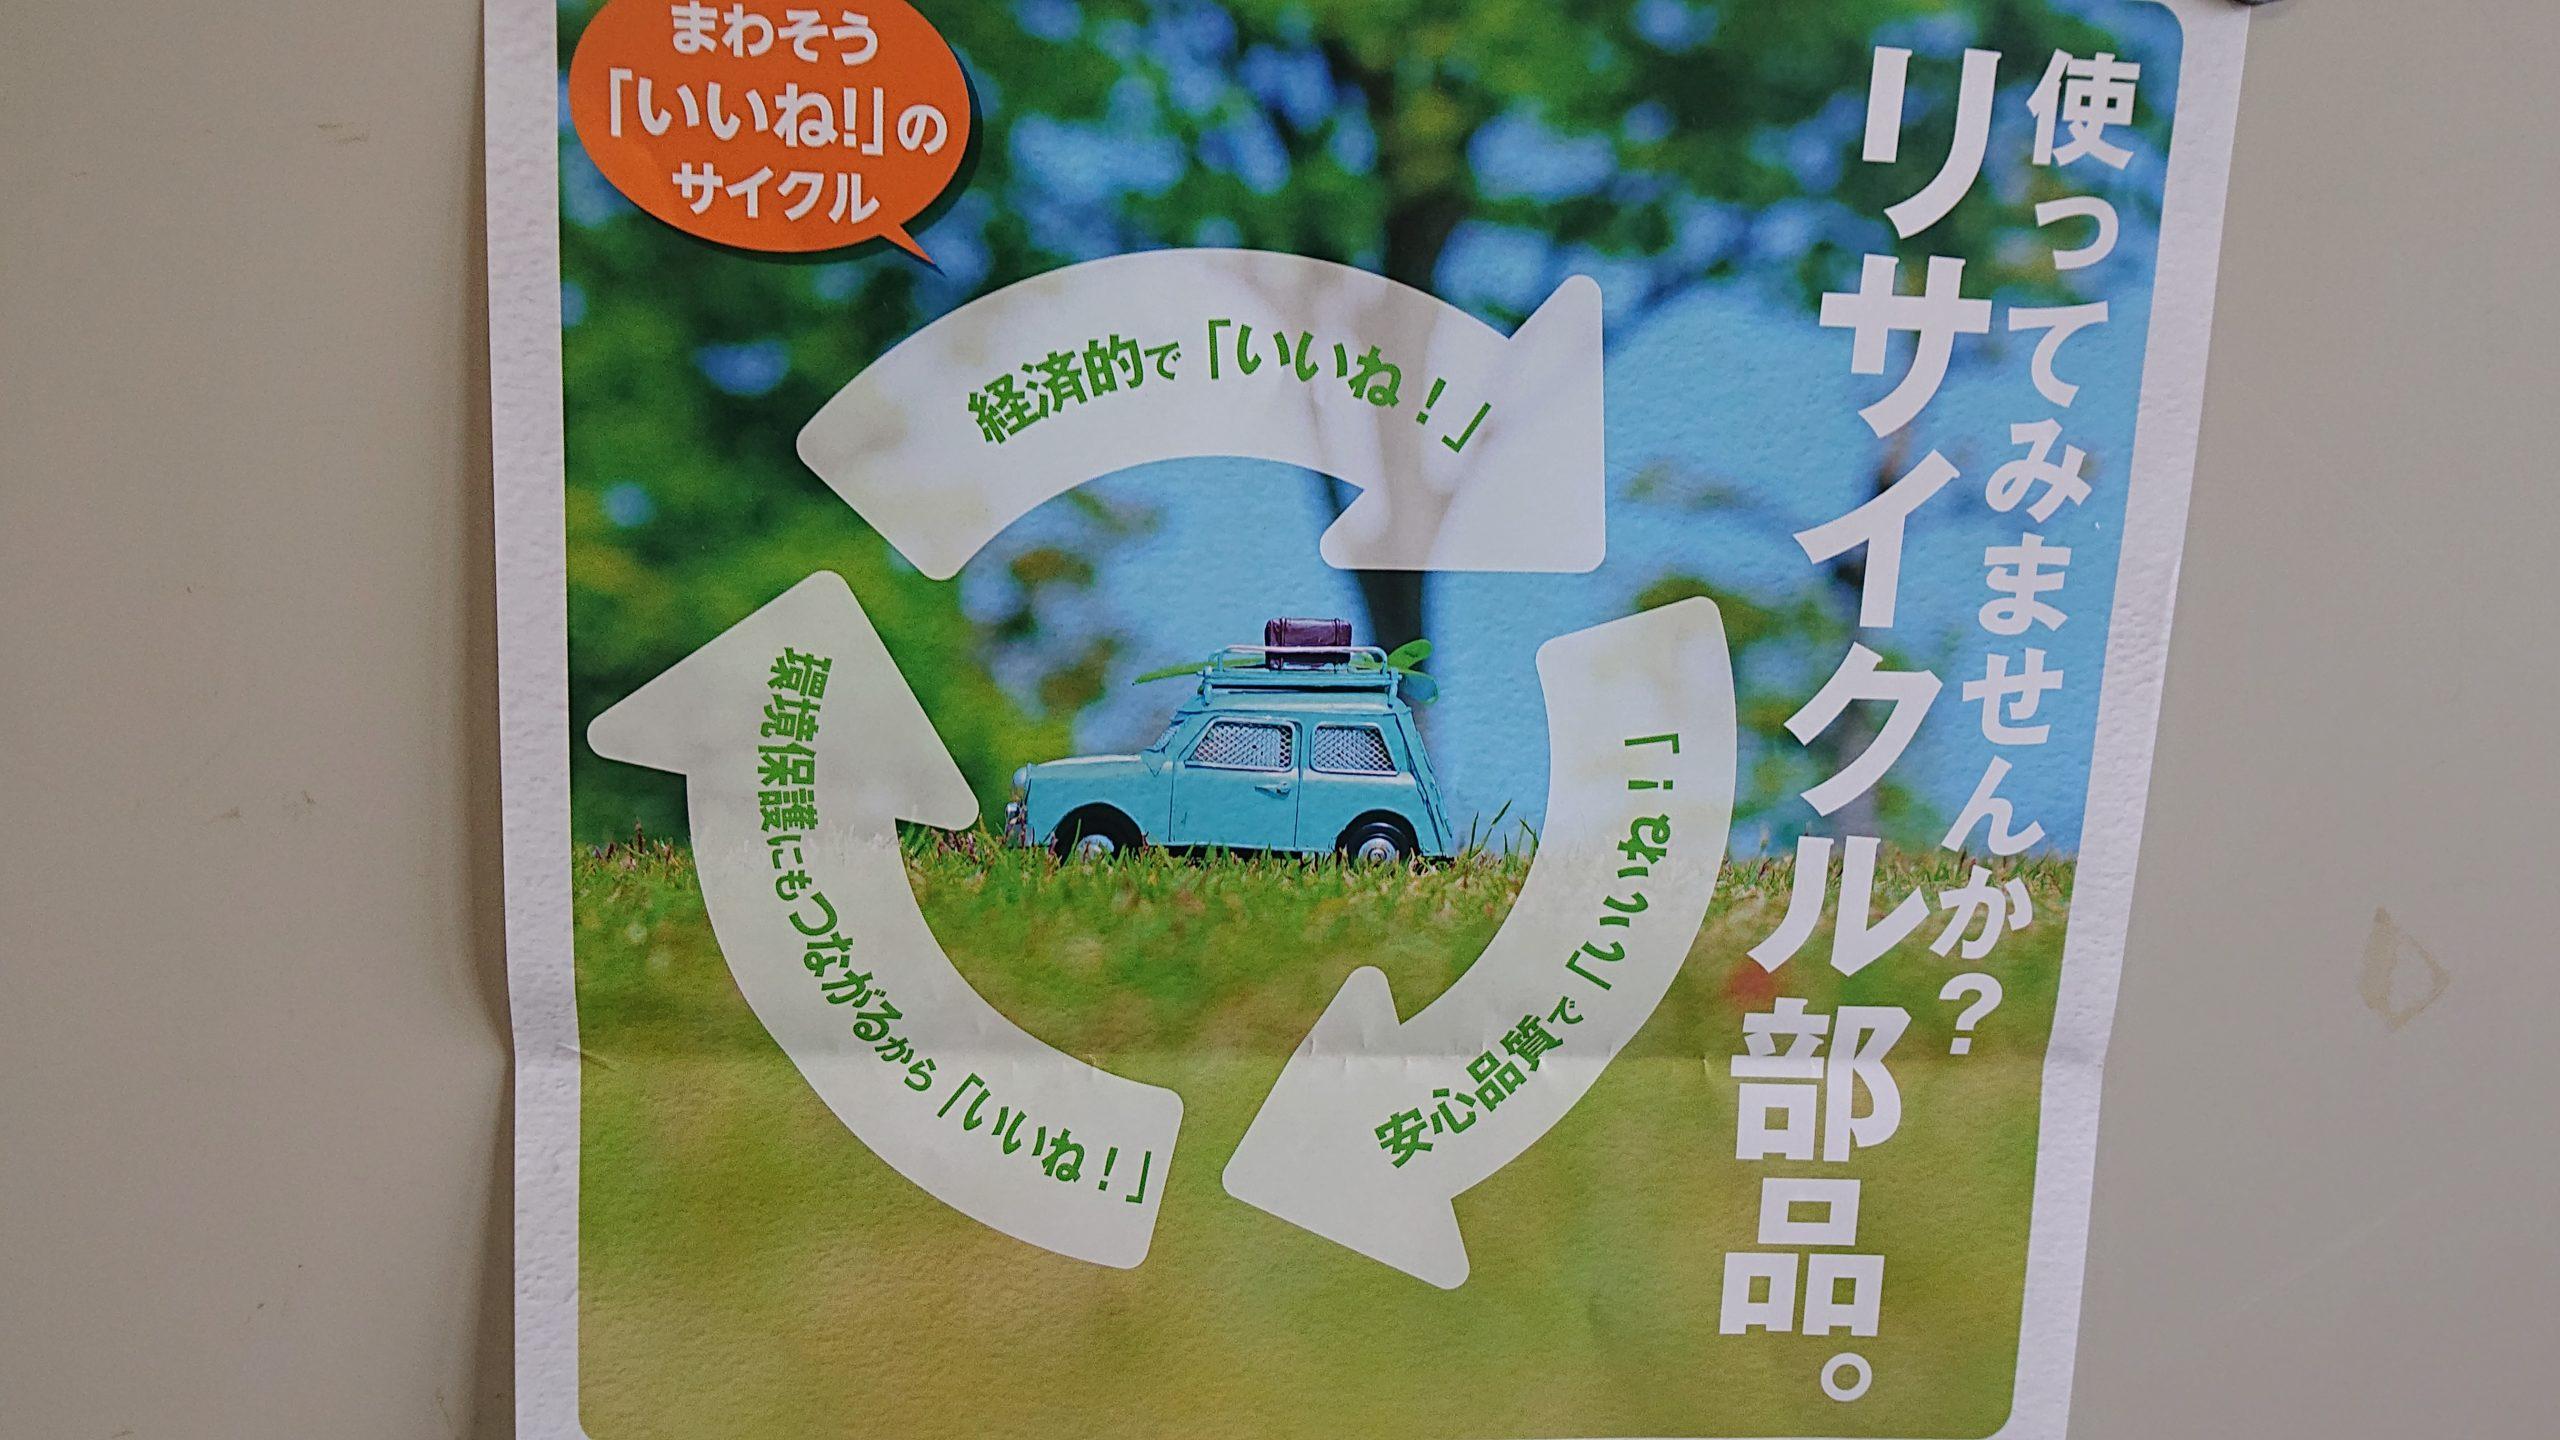 自動車リサイクル部品活用推進キャンペーン